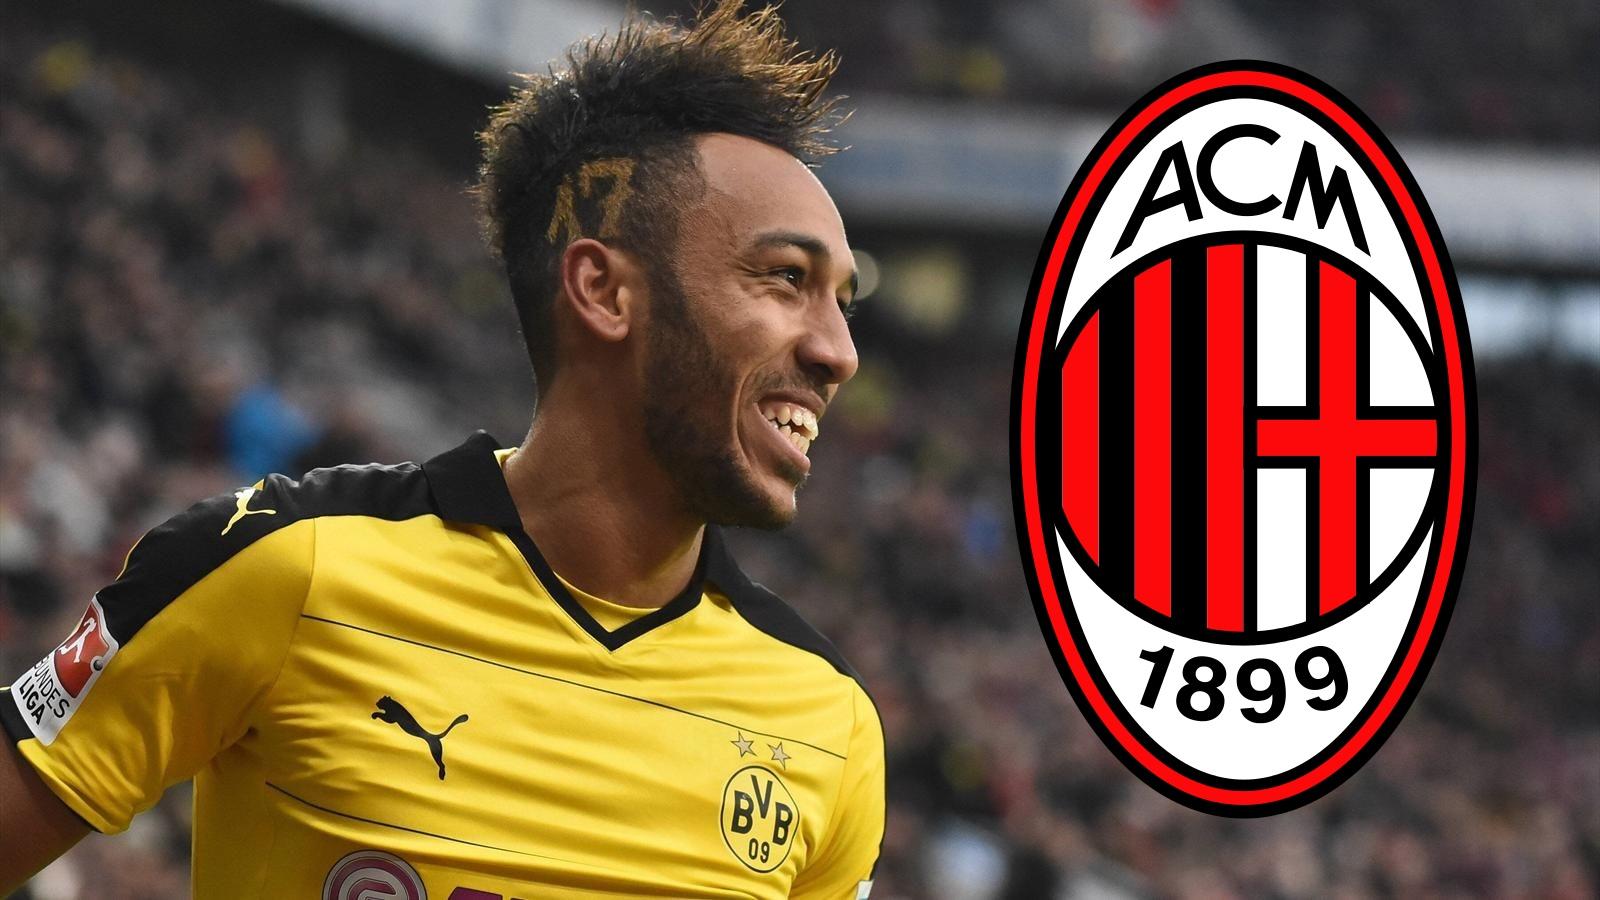 TIN CHUYỂN NHƯỢNG 09/7: AC Milan ra giá cho Aubameyang; M.U gia hạn thành công với thủ môn xịn